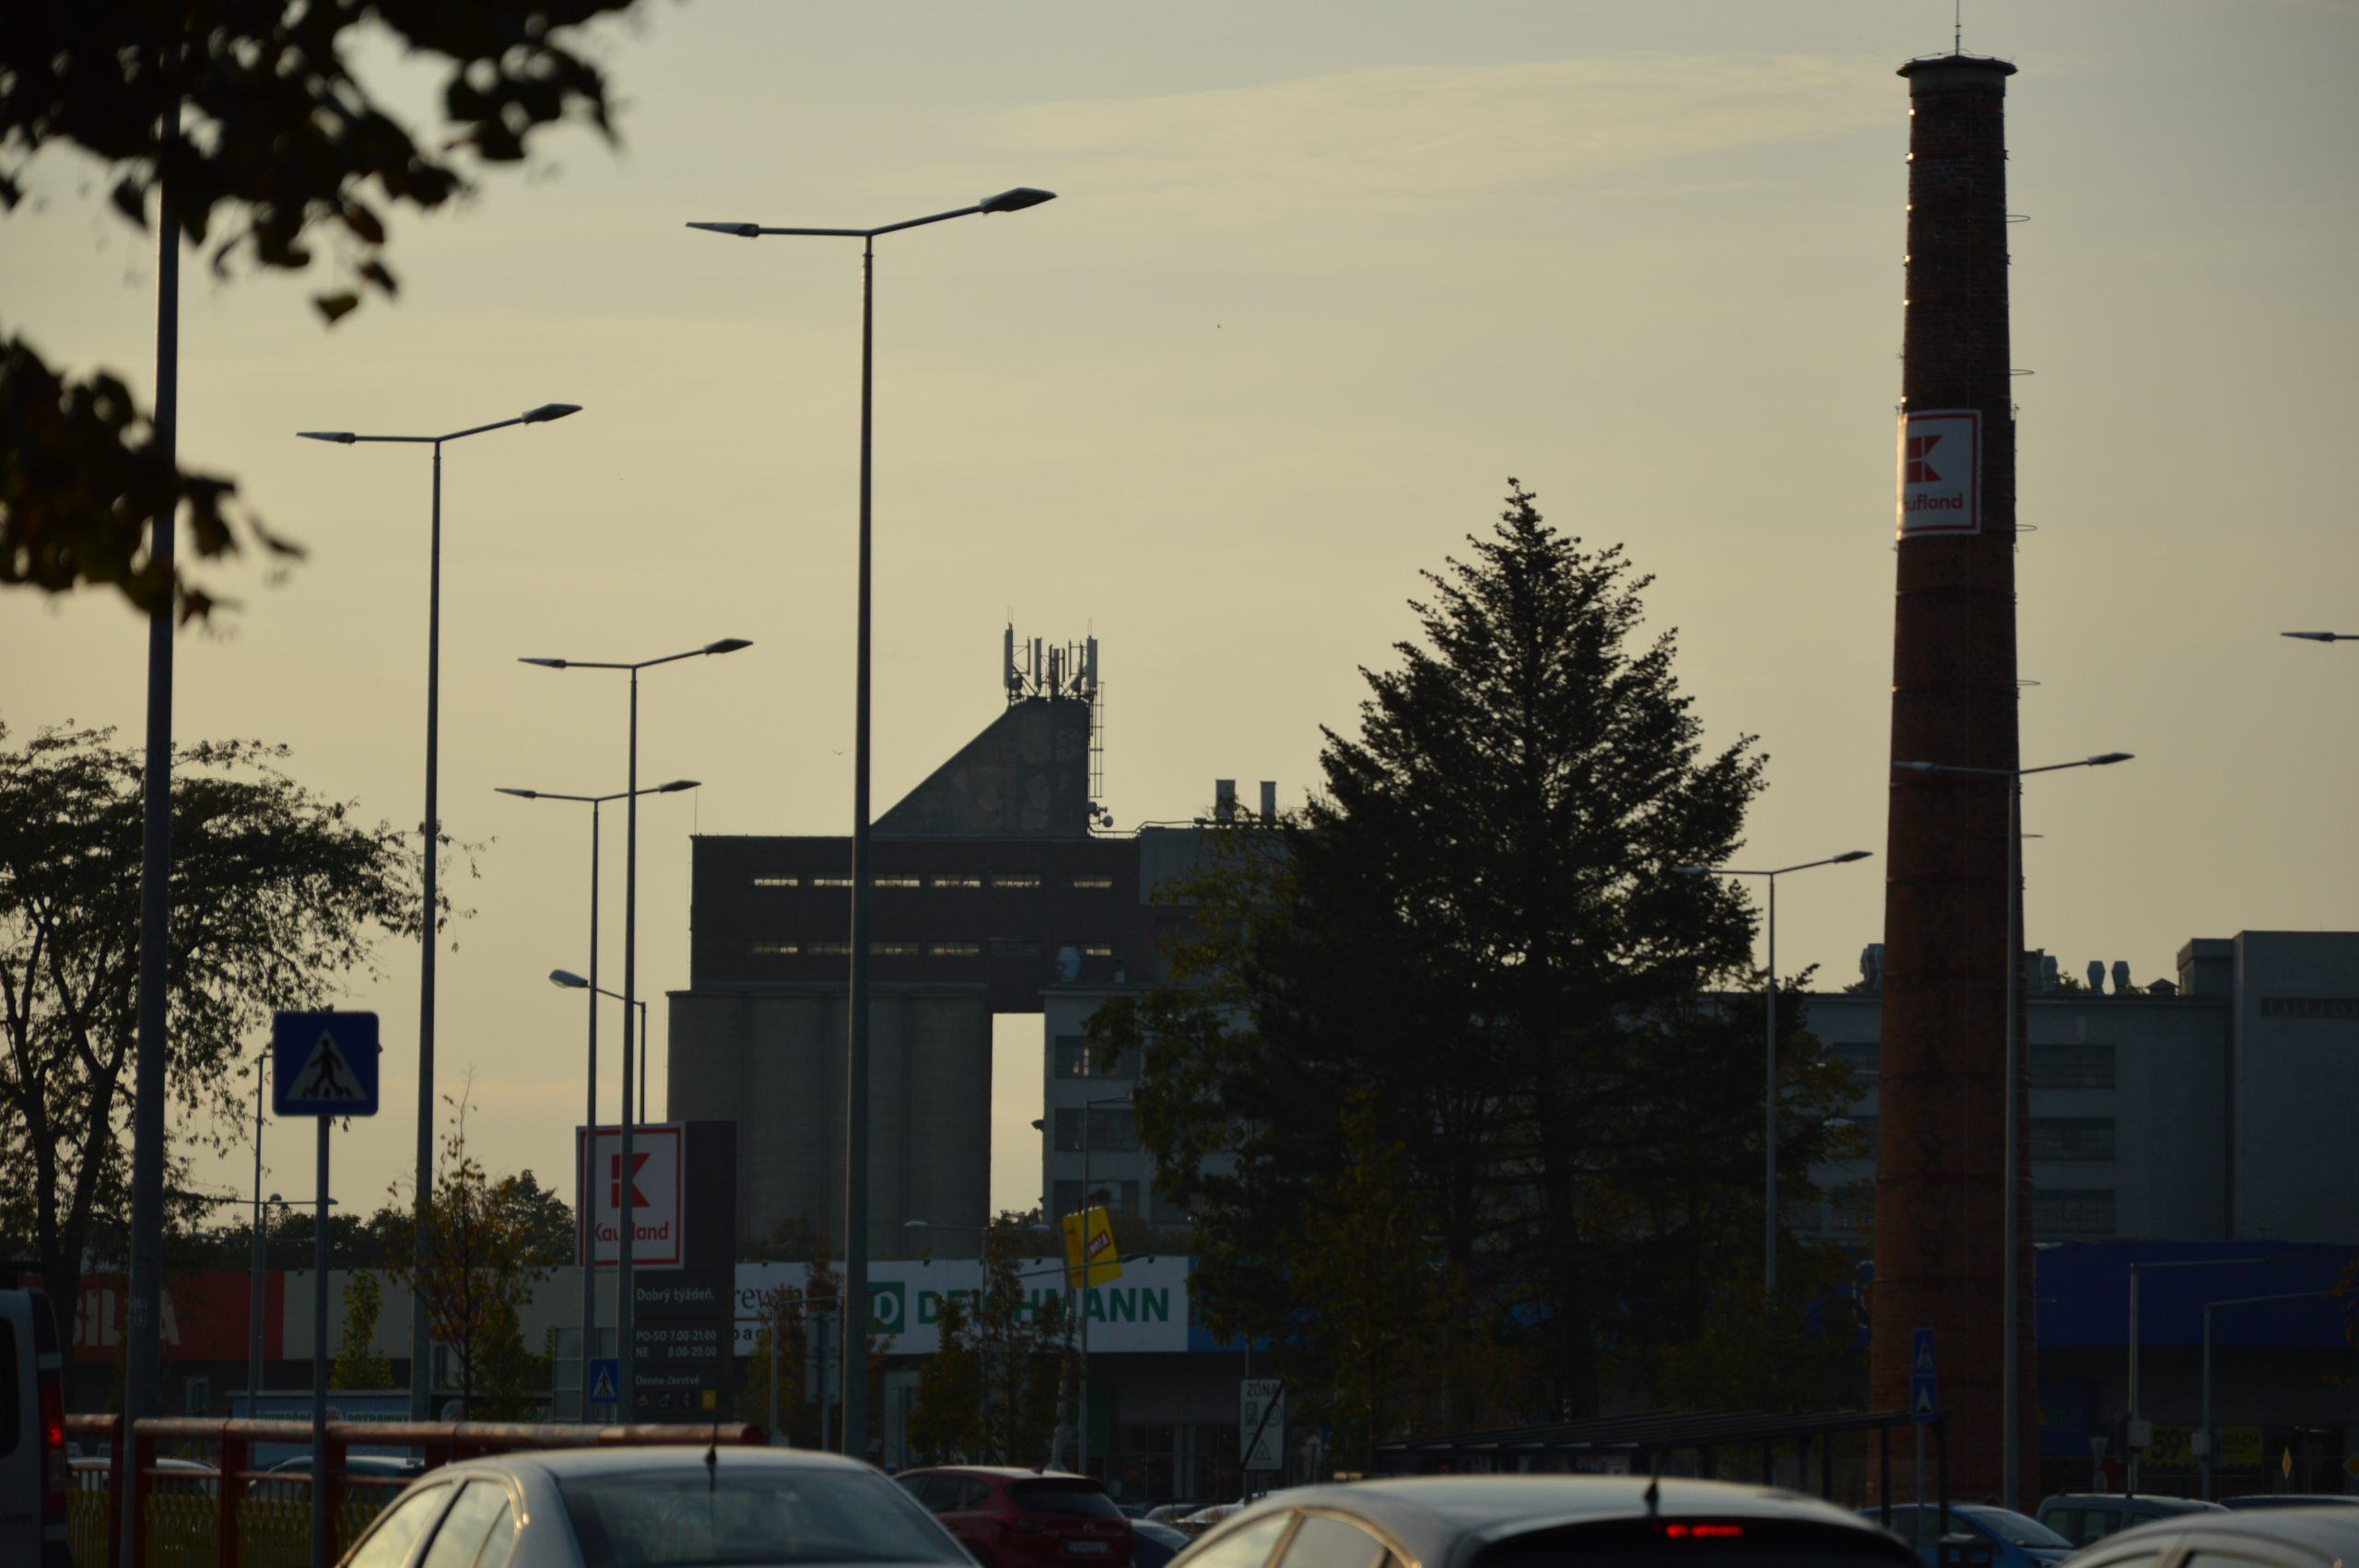 Automatický mlyn NUPOD viditeľný aj z Cukrovej ulice. Zdroj: Daniel Bíro